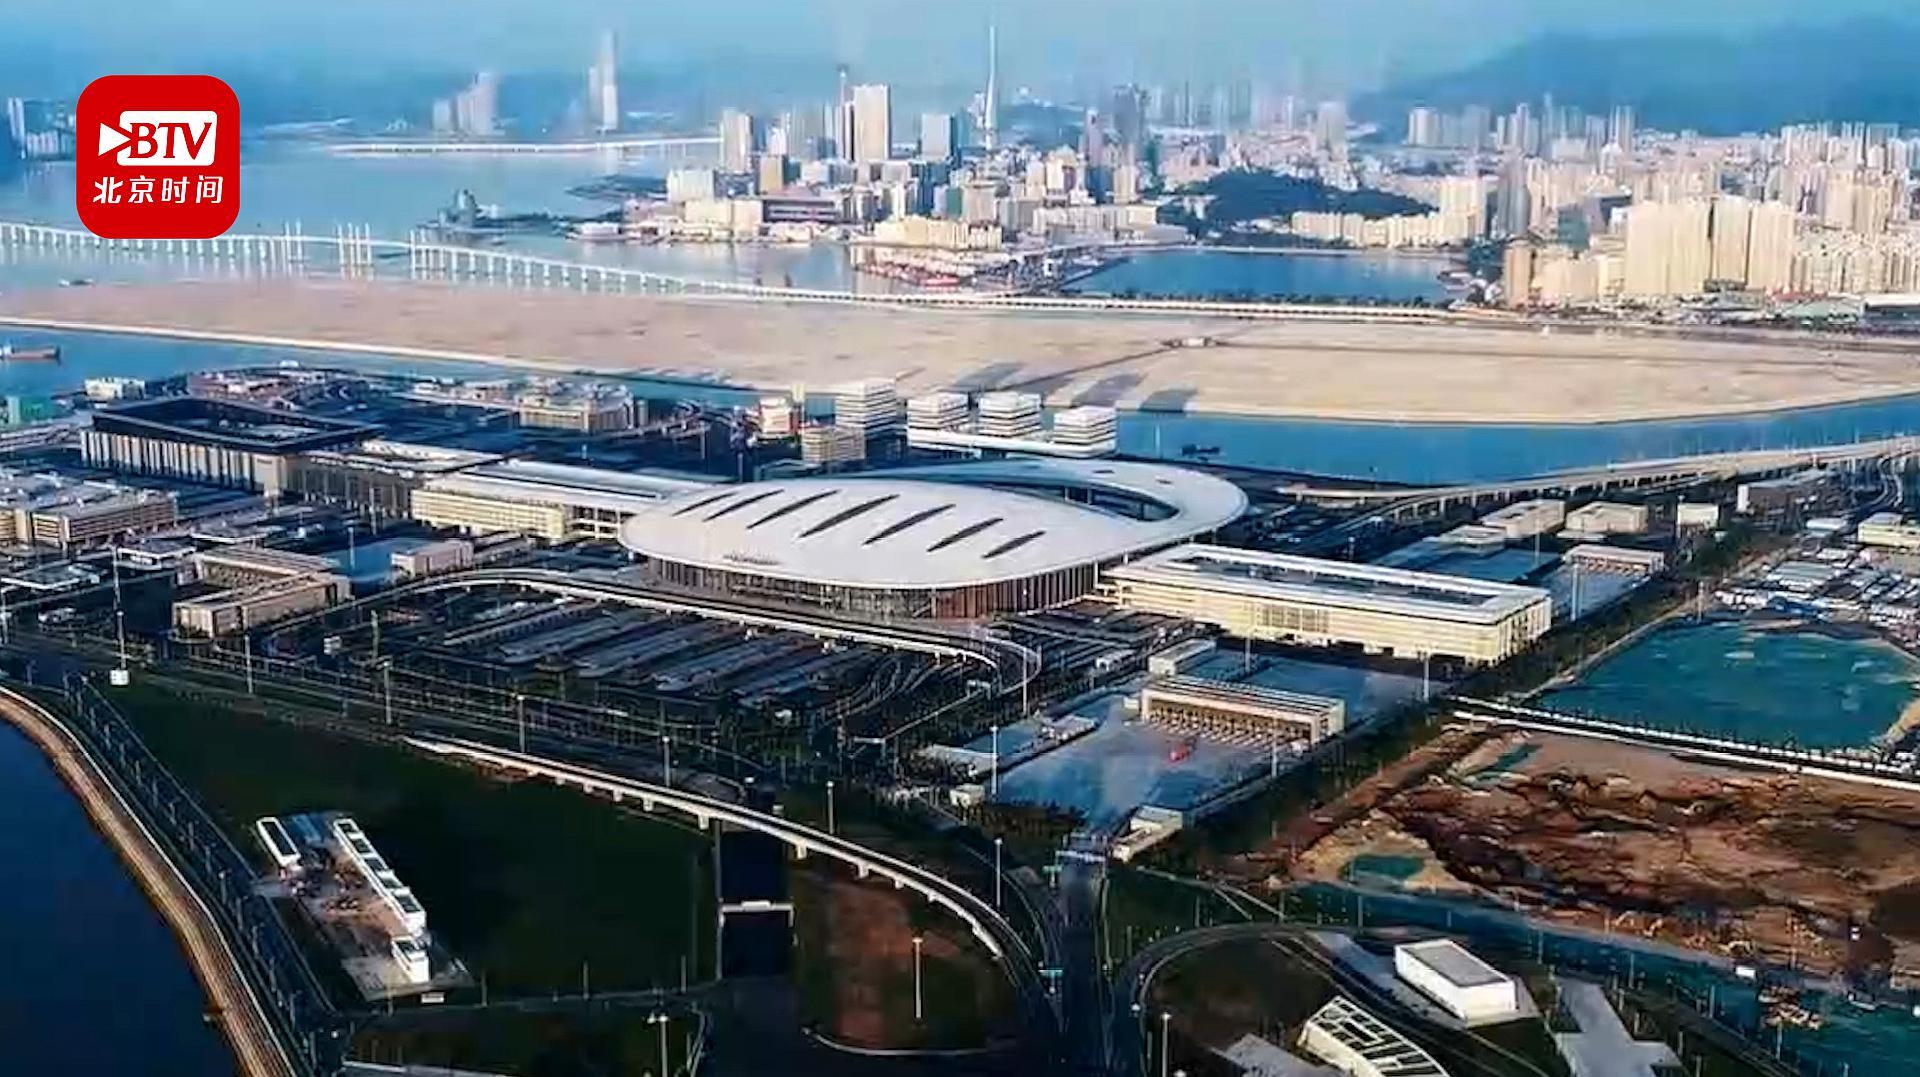 2019广东GDP超10.5万亿元 广东为首个破10万亿大关省份